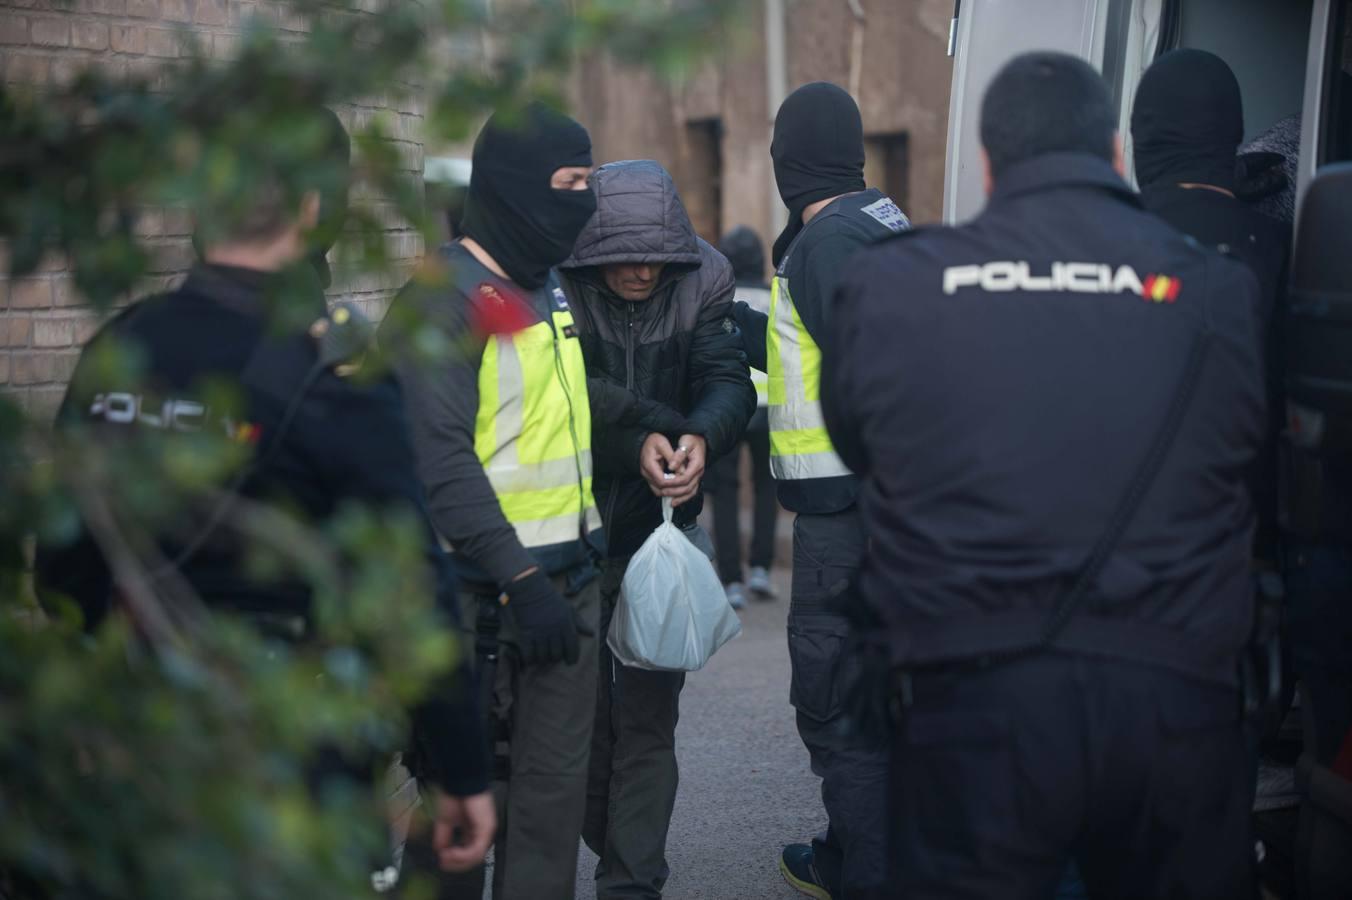 La Policía Nacional detiene a diez personas en una redada antidroga en Los Mateos